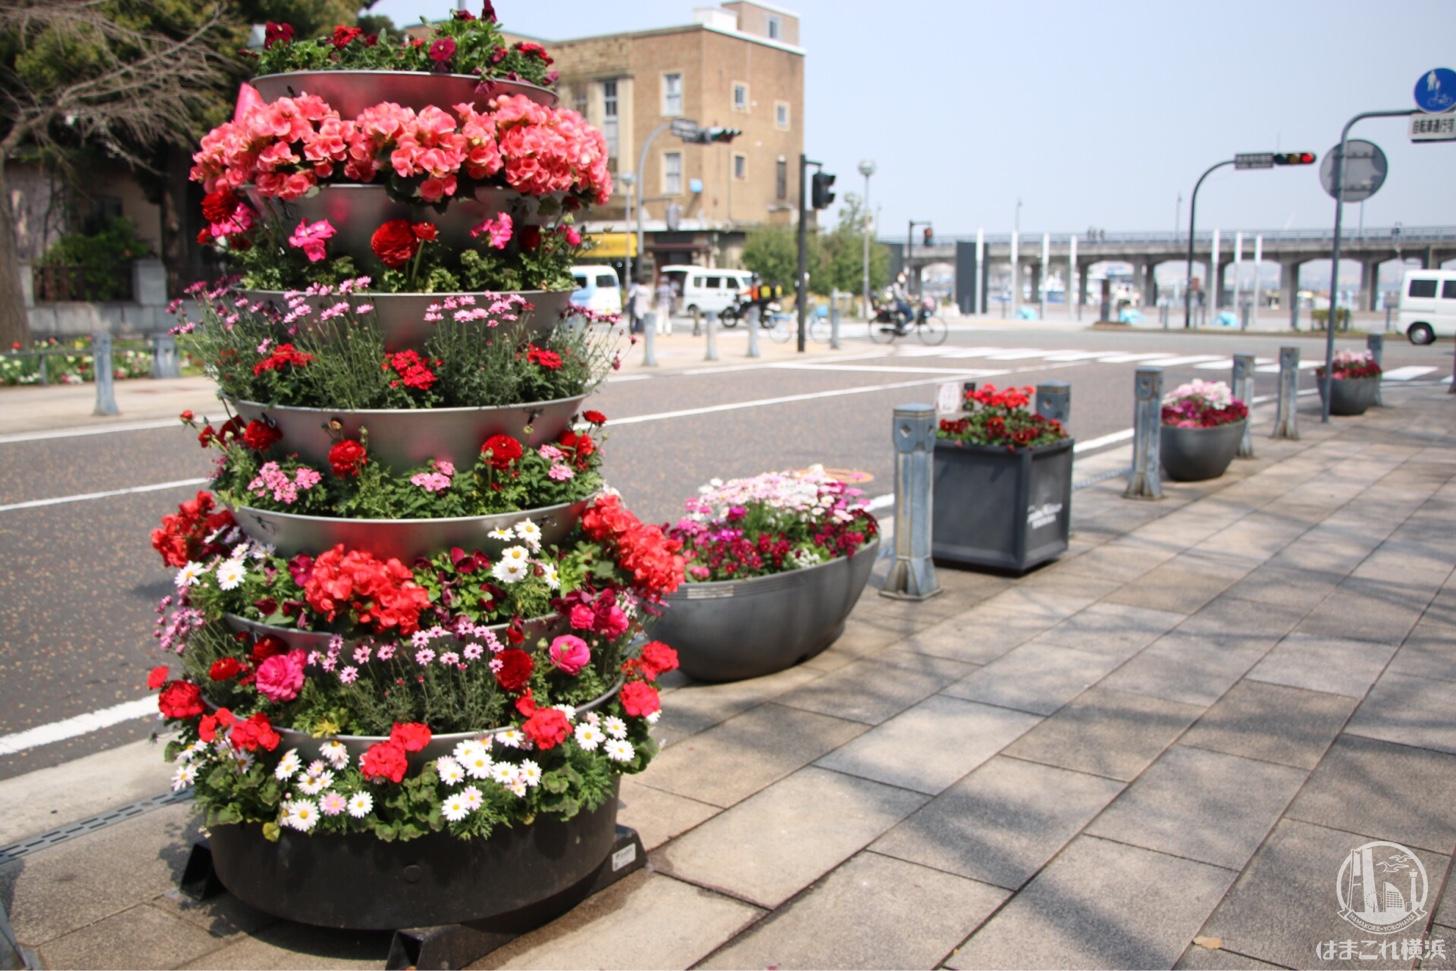 日本大通り・ガーデンネックレス横浜